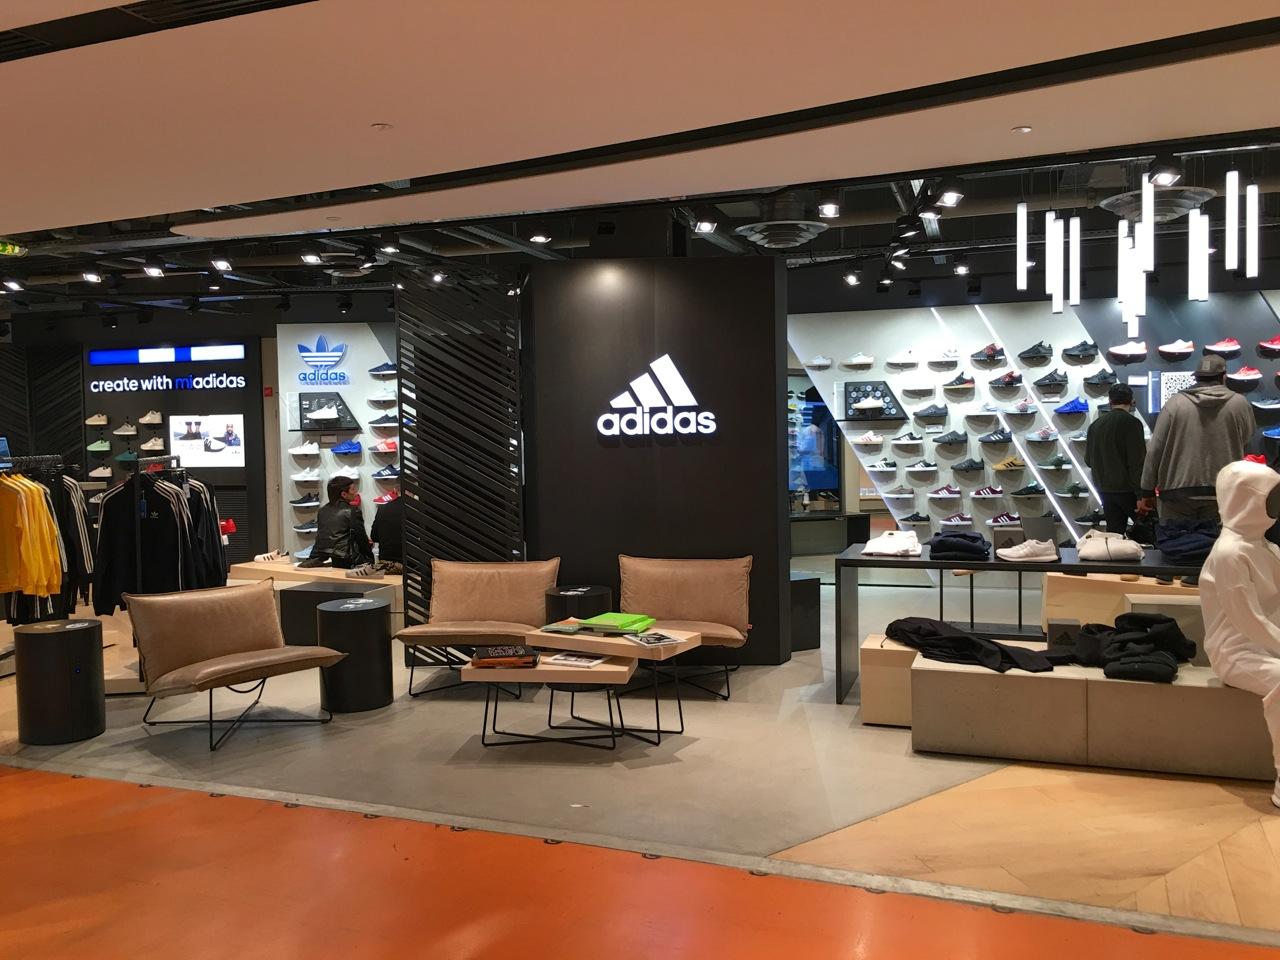 The Adidas section at Citadium in Paris - SES file photo